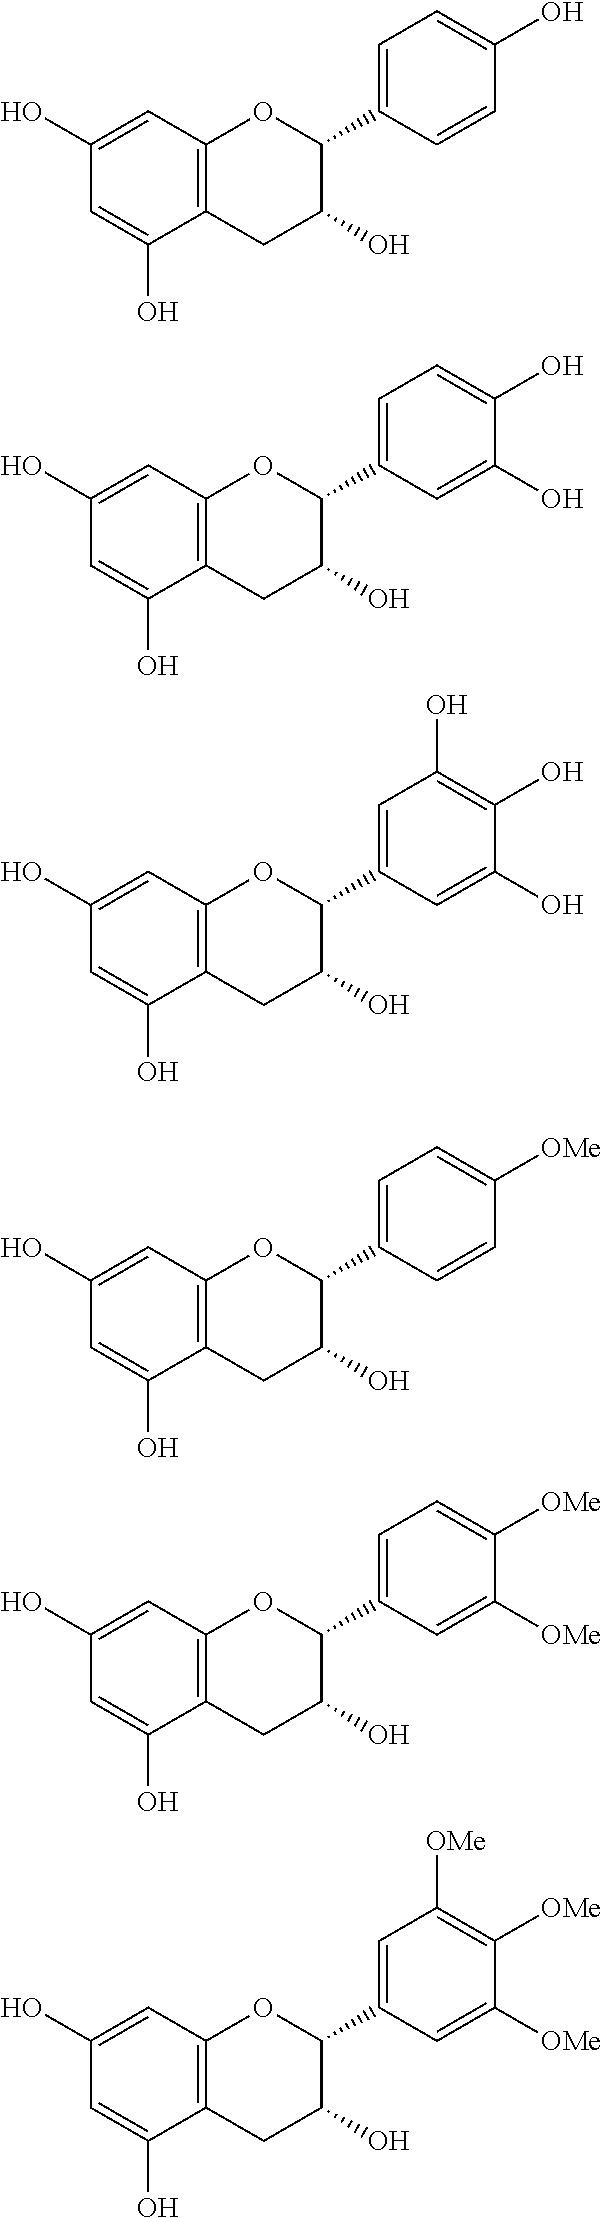 Figure US09962344-20180508-C00055